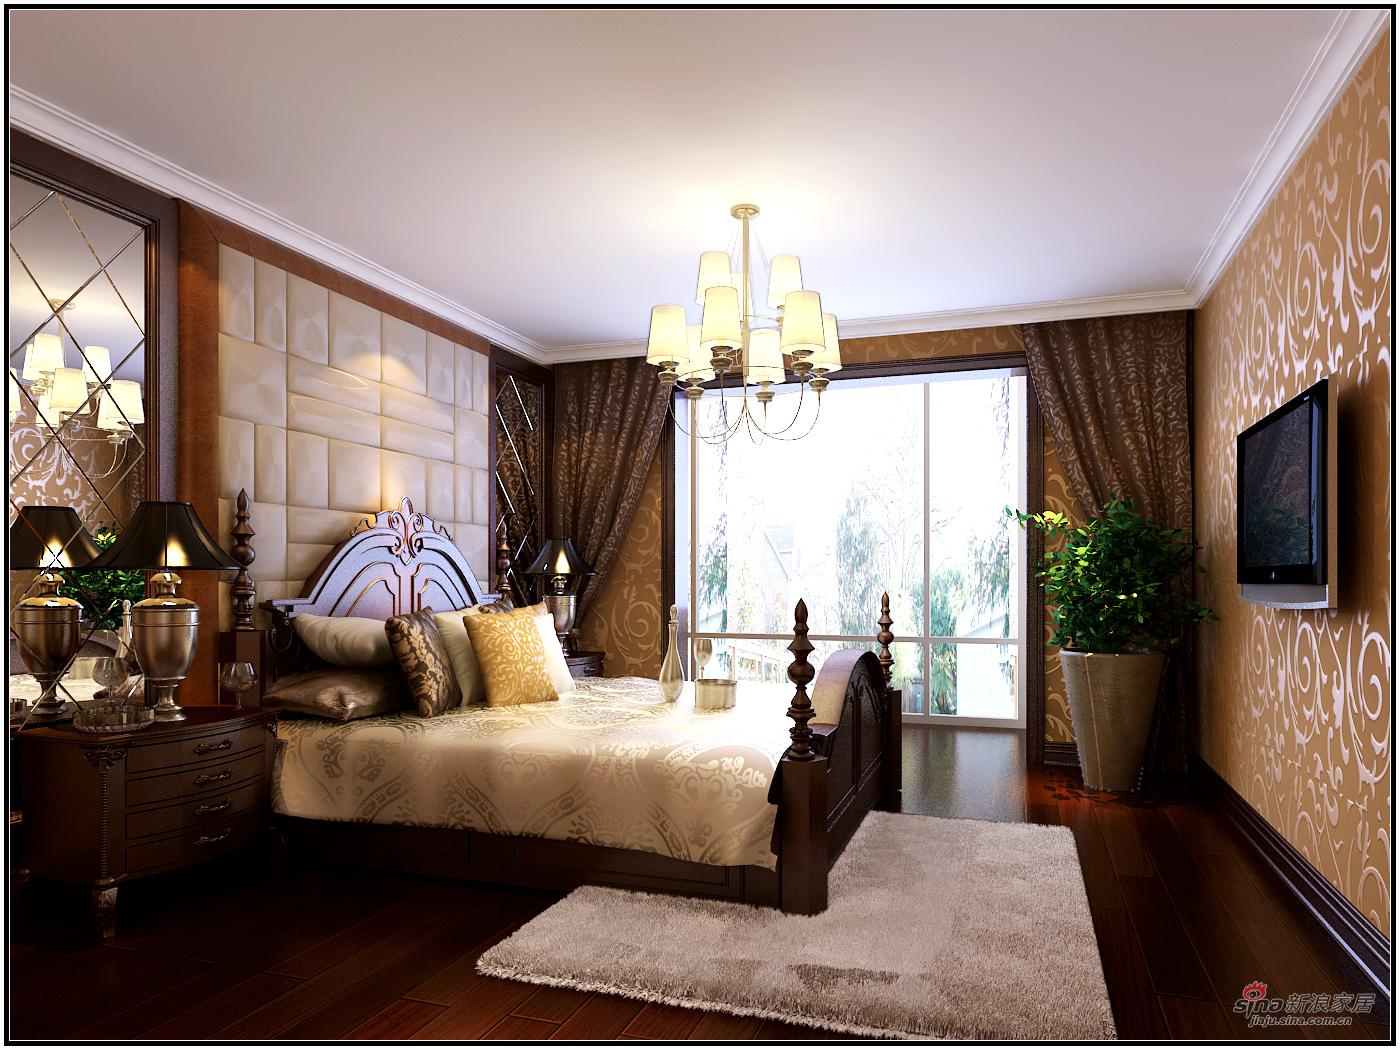 美式 复式 卧室图片来自用户1907686233在【高清】180平米奢华欧美风41的分享